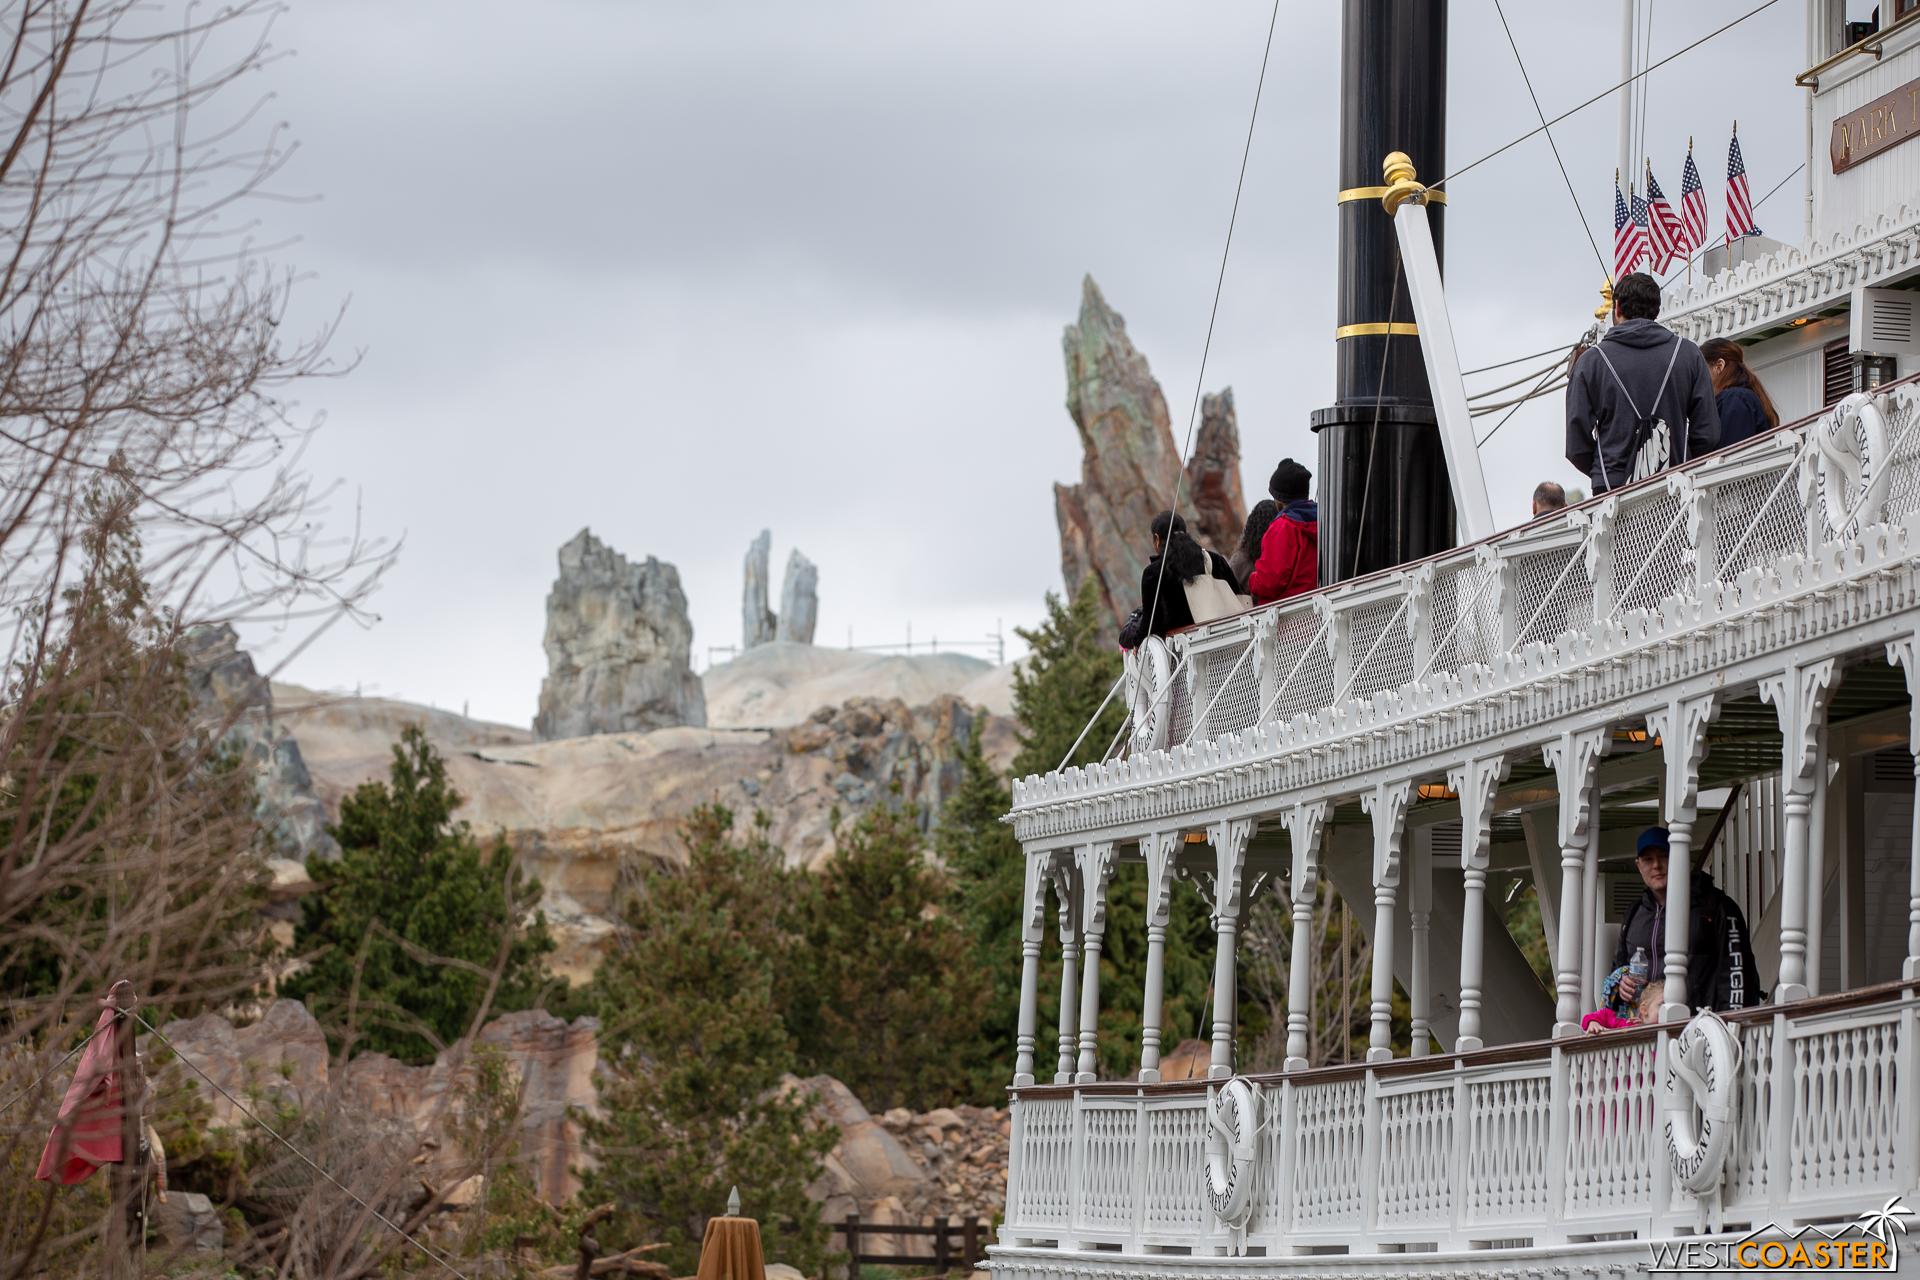 Westcoaster Disneyland Update 2-19-24.jpg